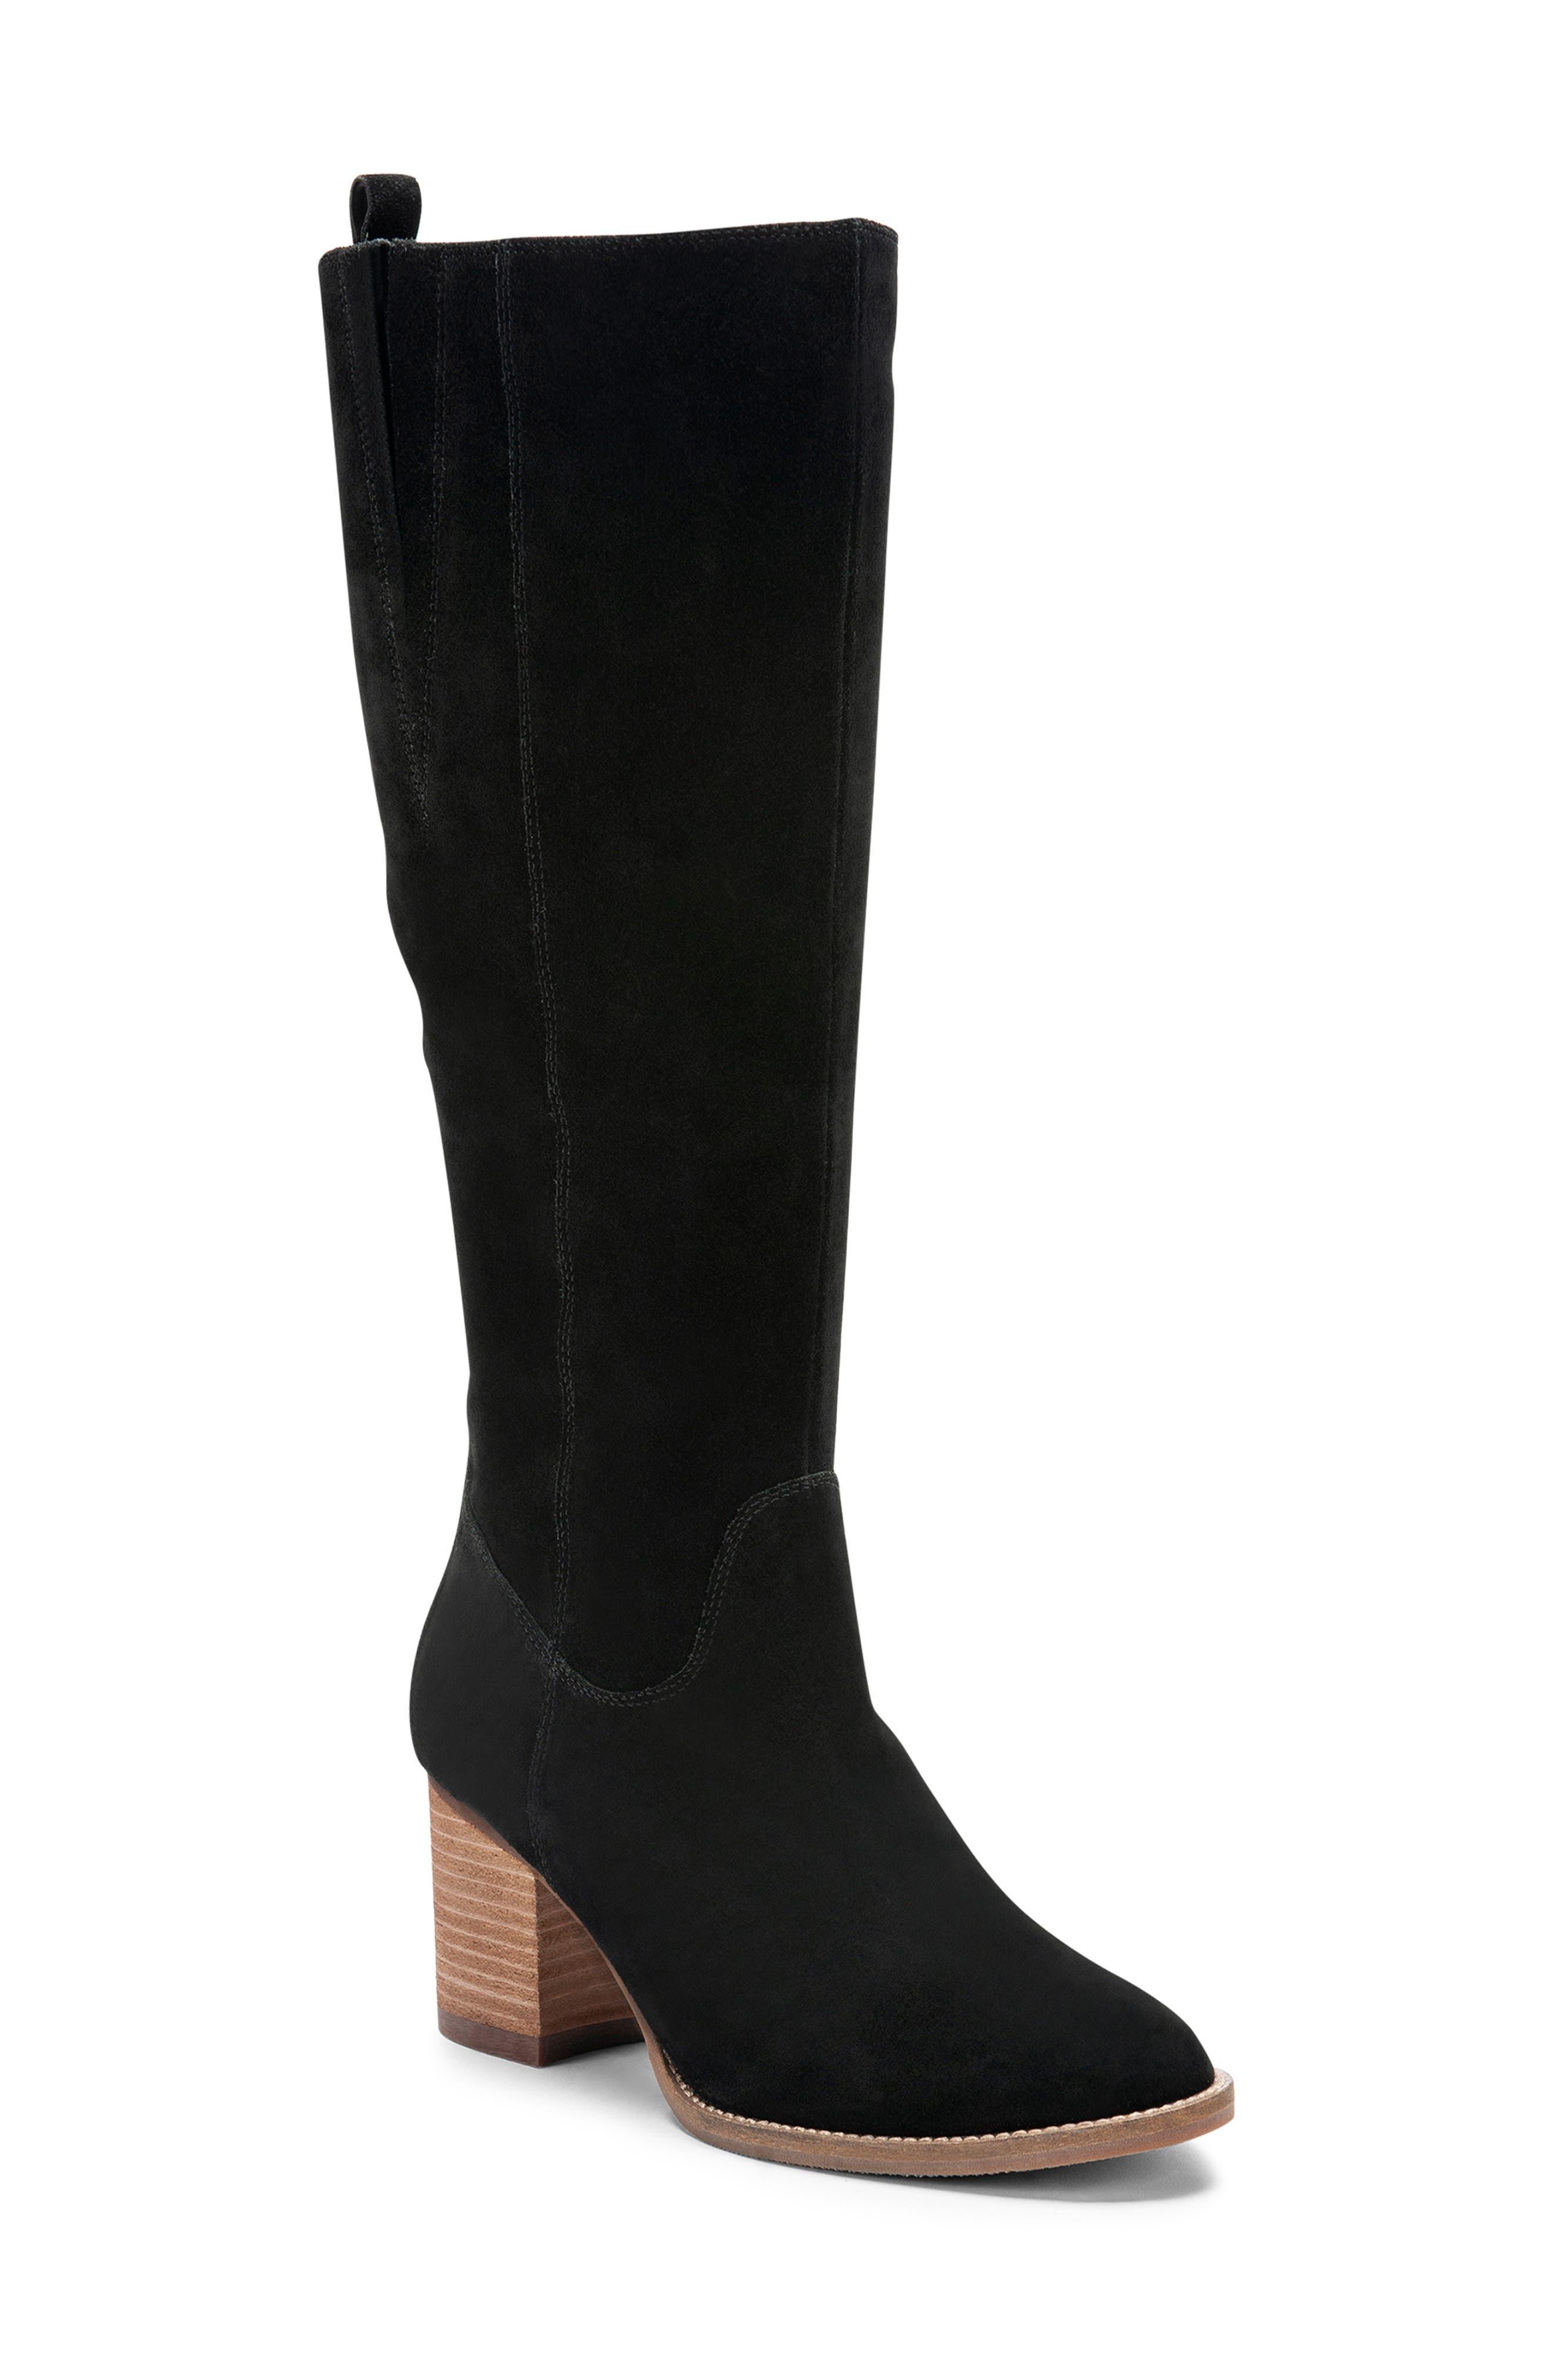 Blondo Nikki Waterproof Knee High Waterproof Boot- Black